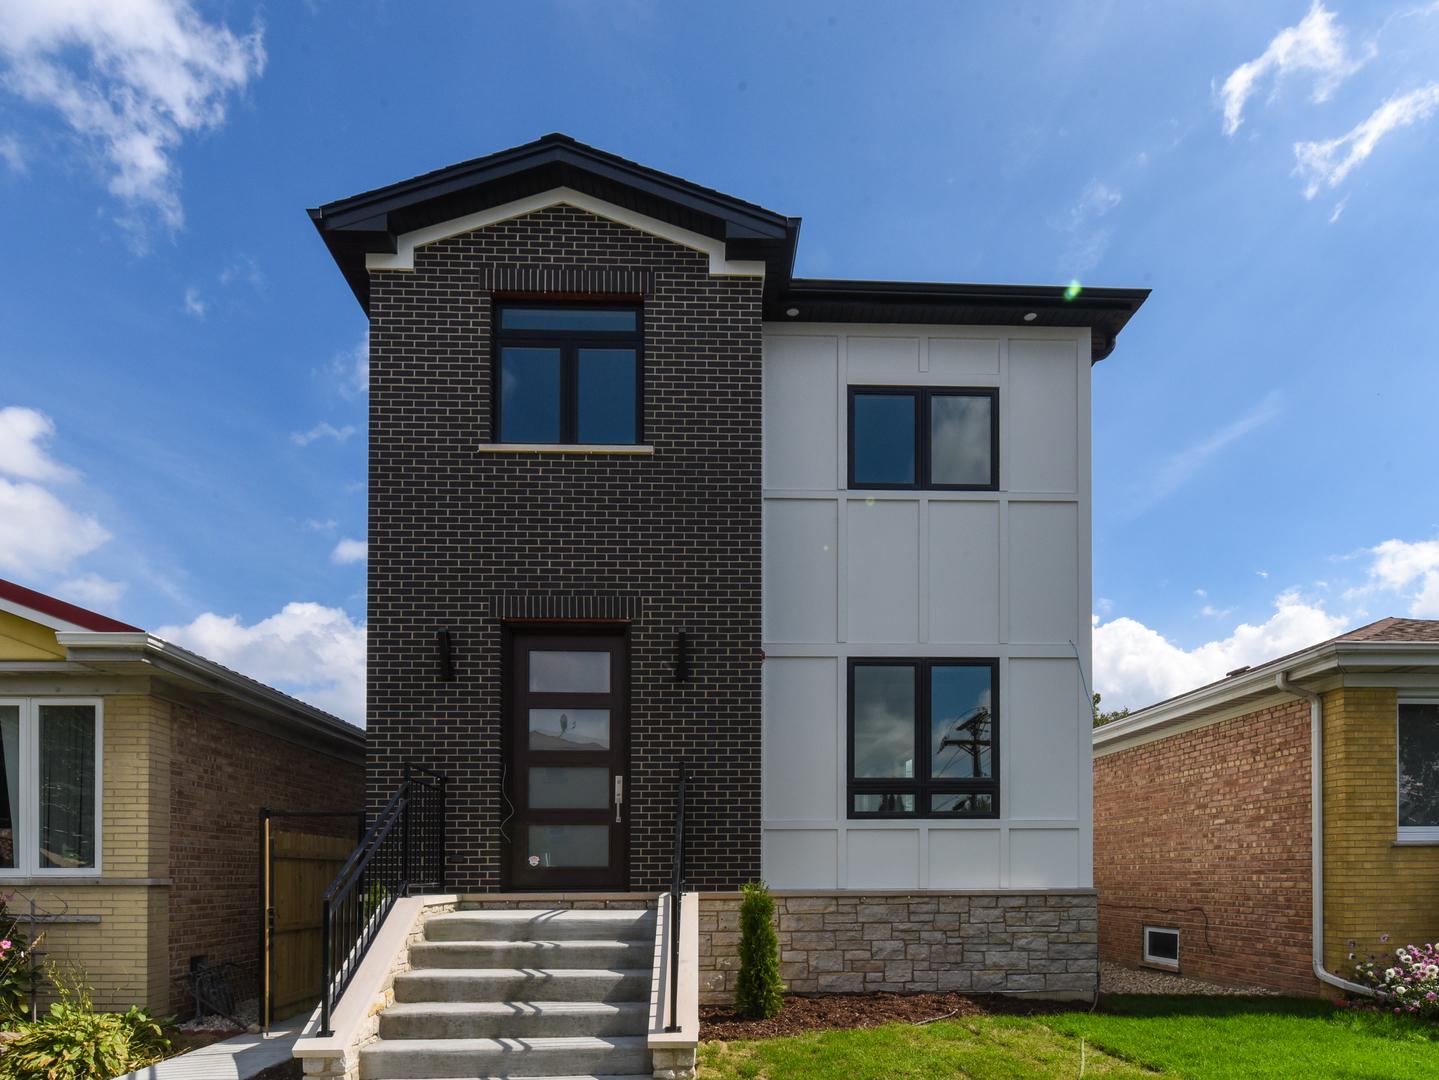 4543 Sayre ,Harwood Heights, Illinois 60706